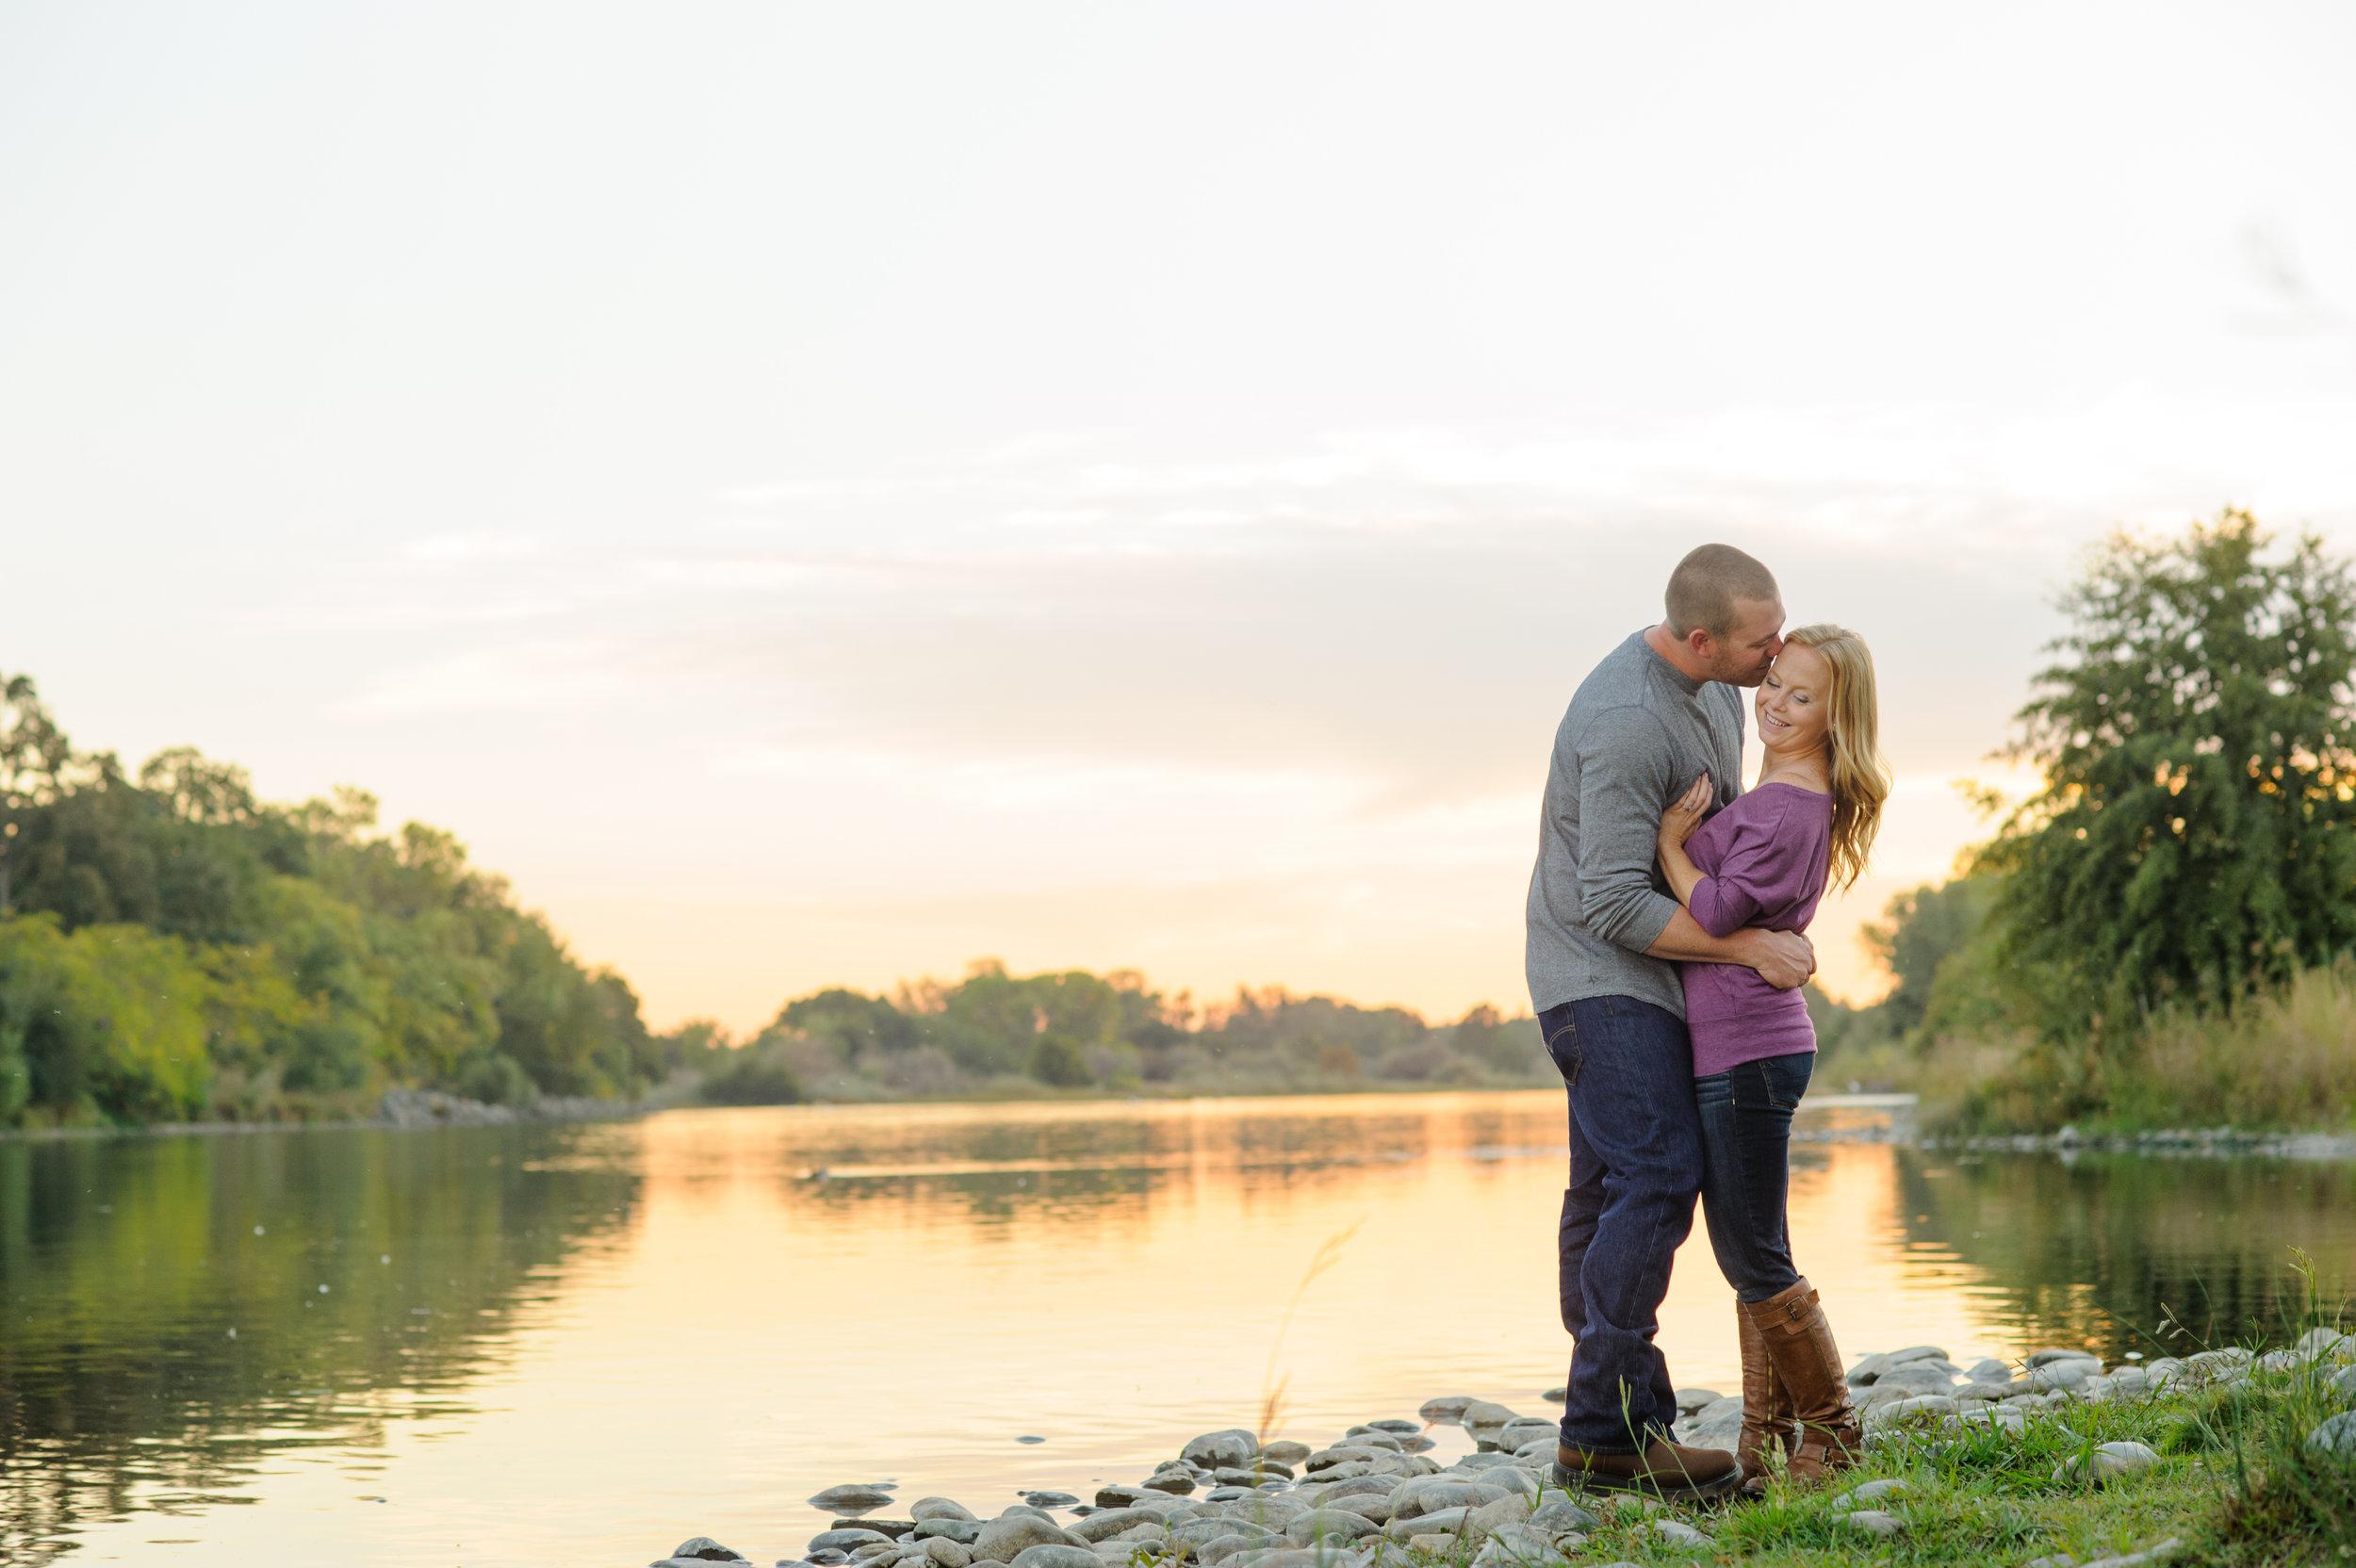 jenelle-brian-015-sacramento-engagement-wedding-photographer-katherine-nicole-photography.JPG